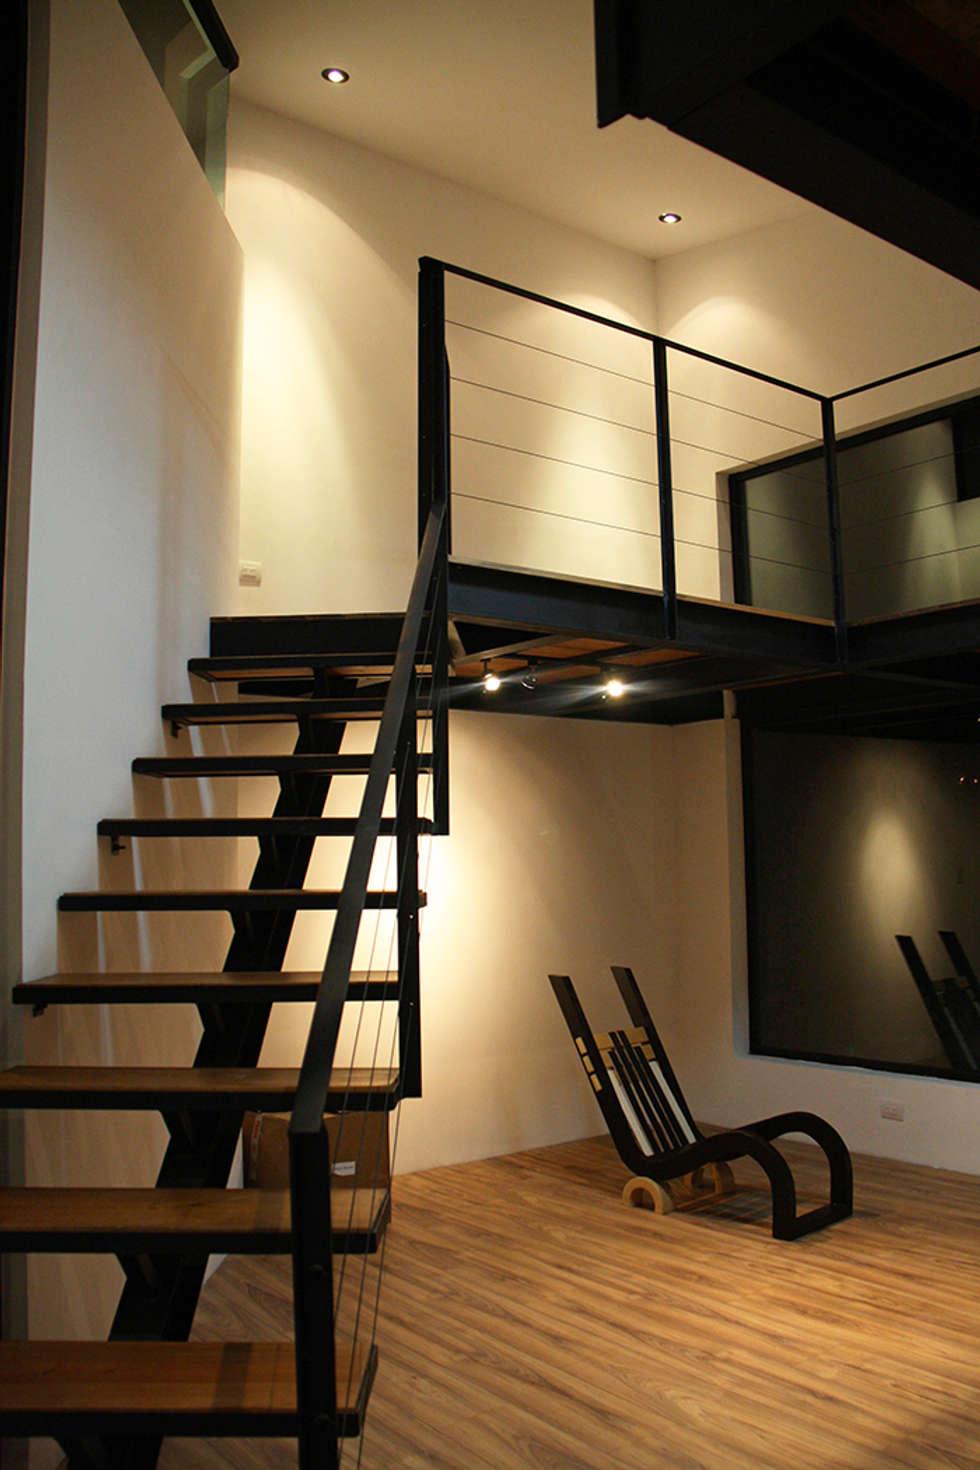 Escalera en biblioteca: Estudios y oficinas de estilo moderno por Narda Davila arquitectura